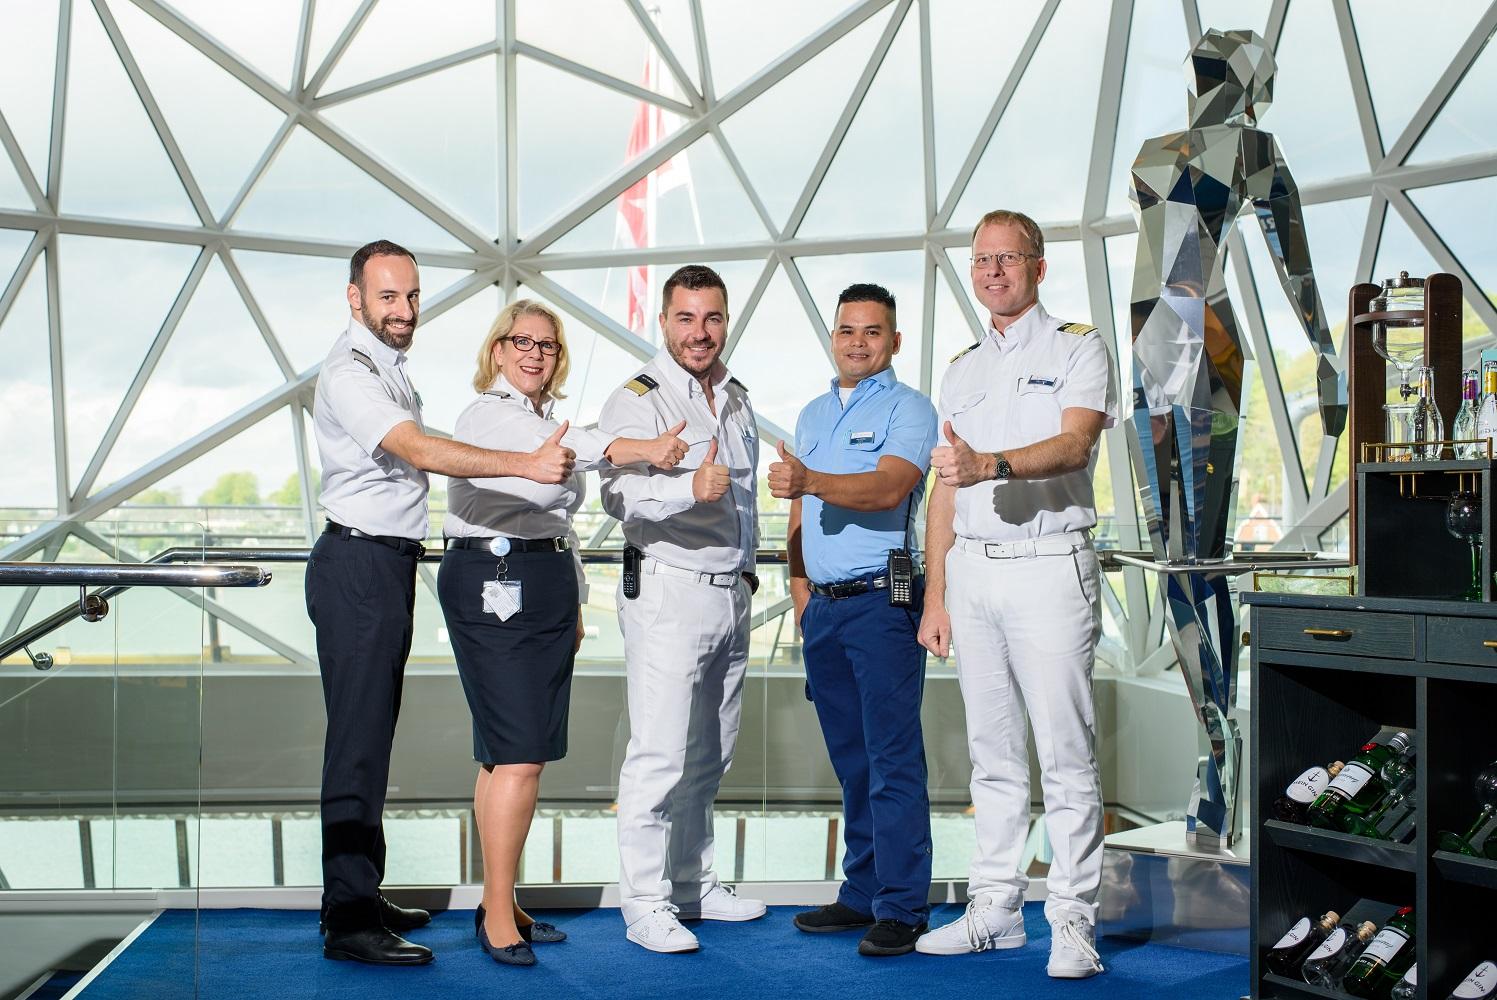 Urlaubsheld Raul De Real mit seinen Vorgesetzten auf der Mein Schiff 3